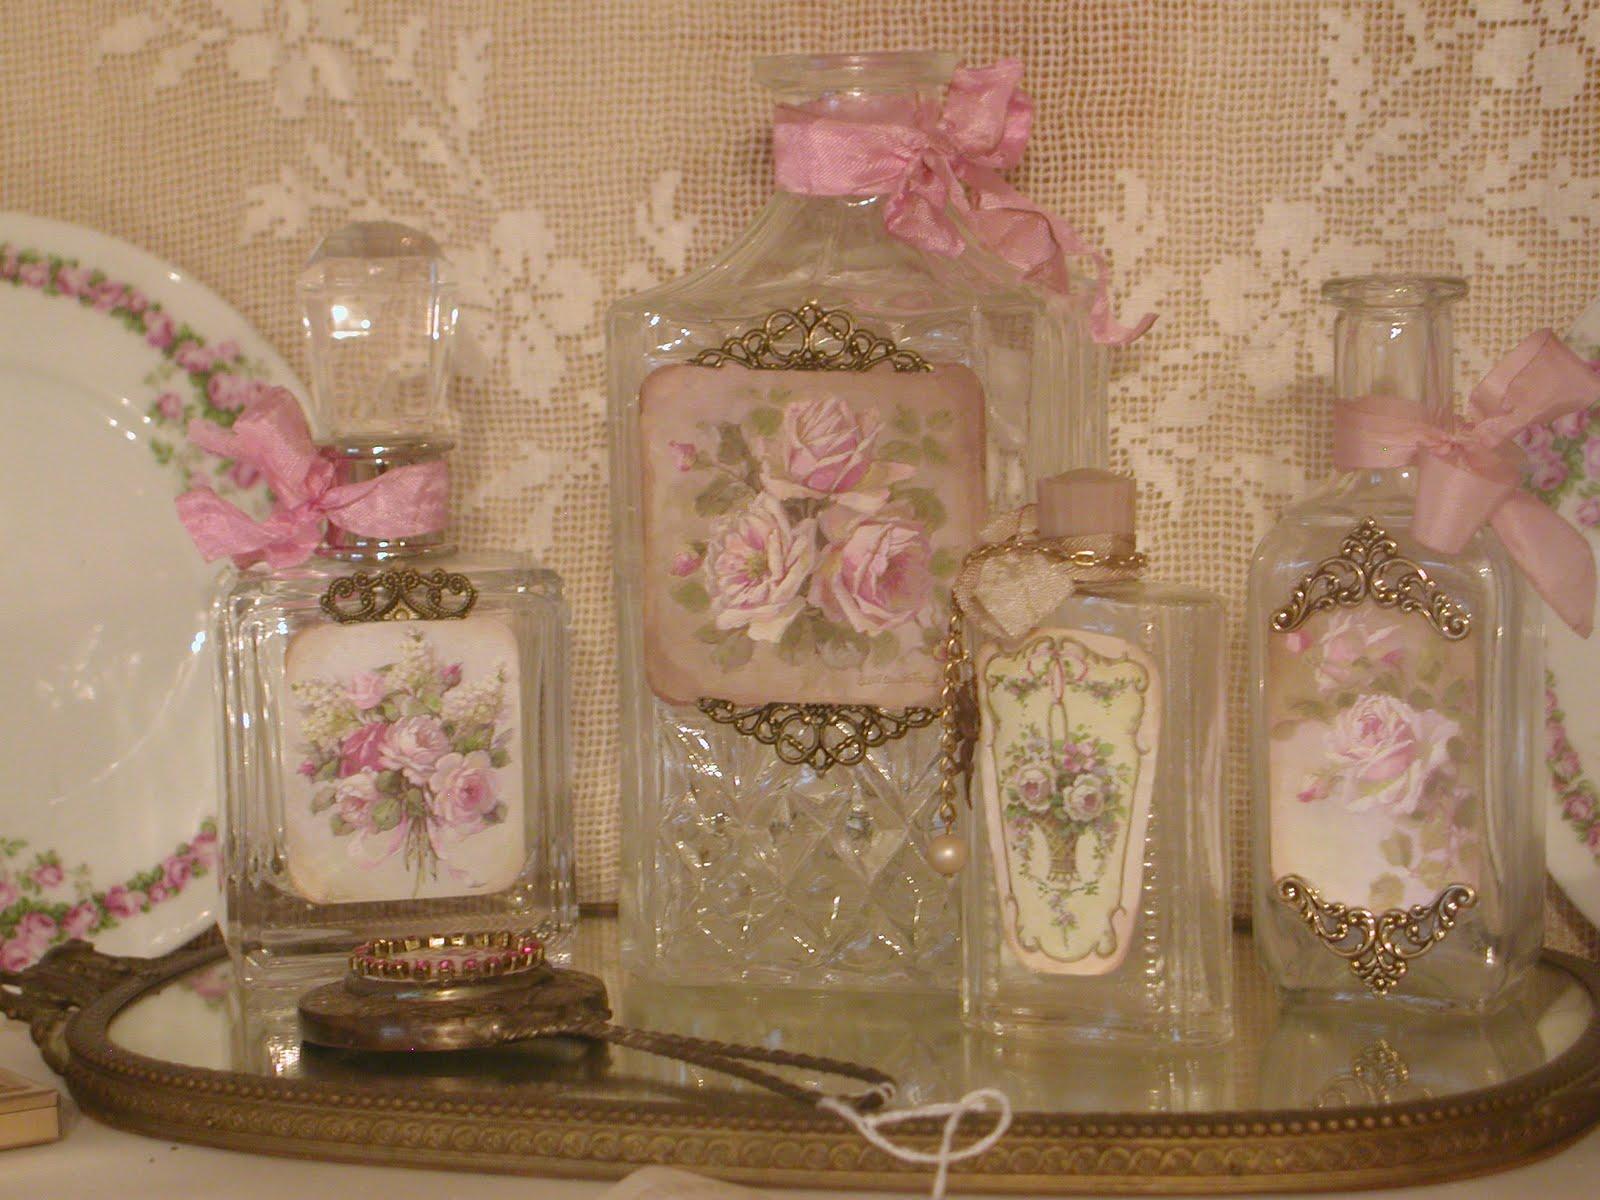 Chateau de fleurs french style perfume bottles - Estilo shabby chic ...